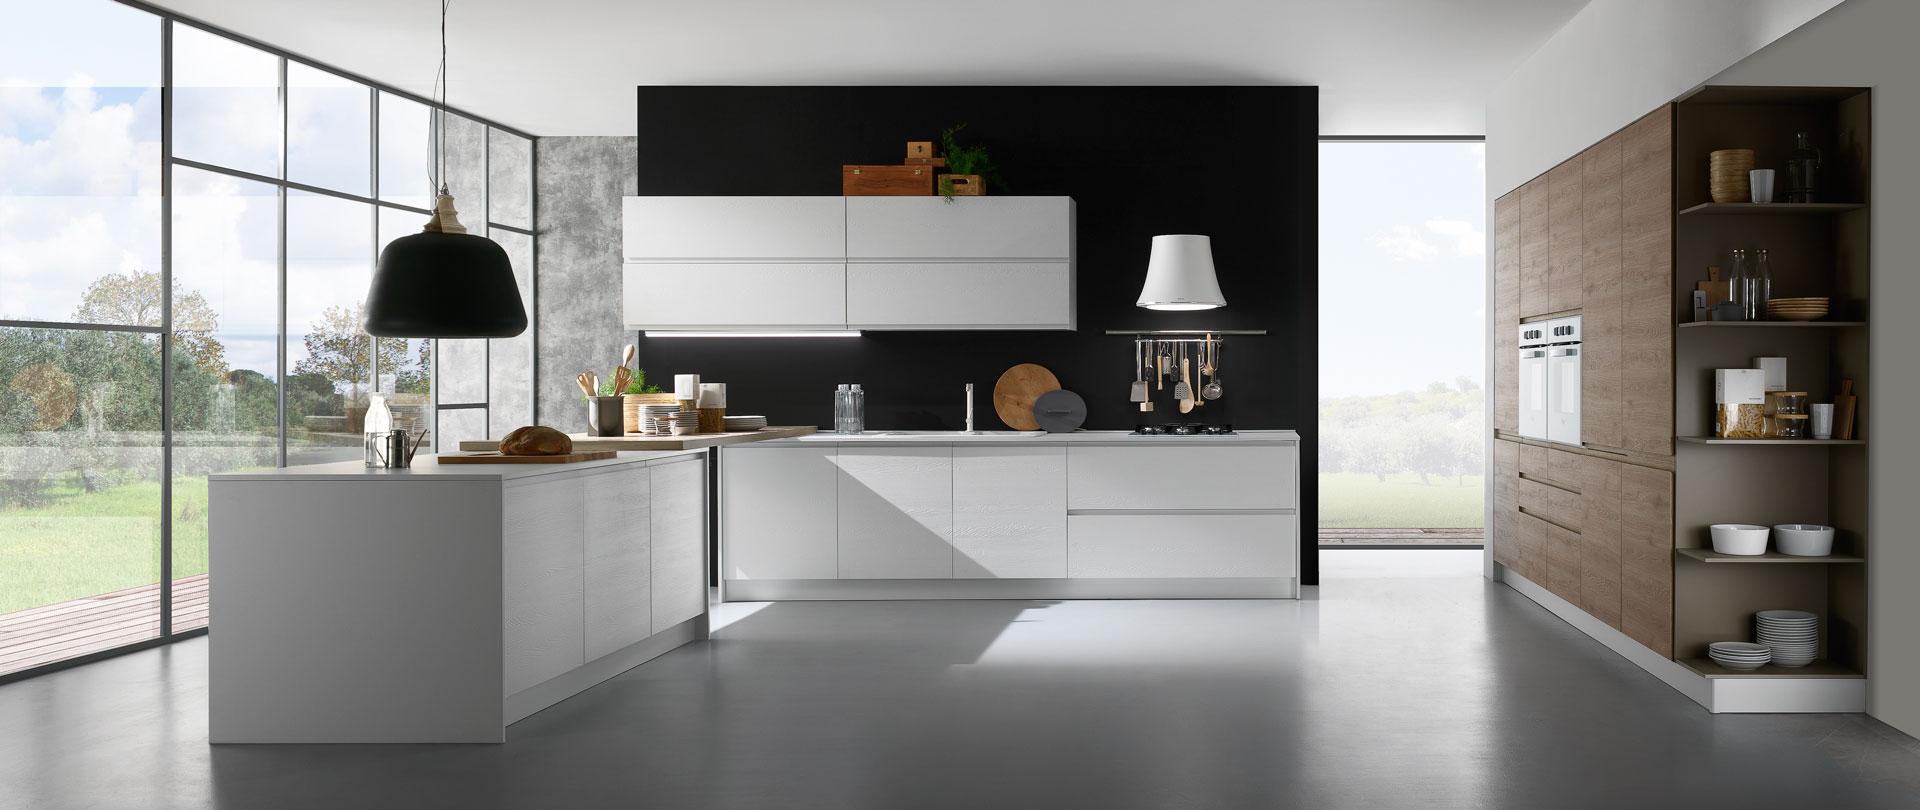 01-cucina-moderna-bianco-rovere-rustico-luna - Cucinissima